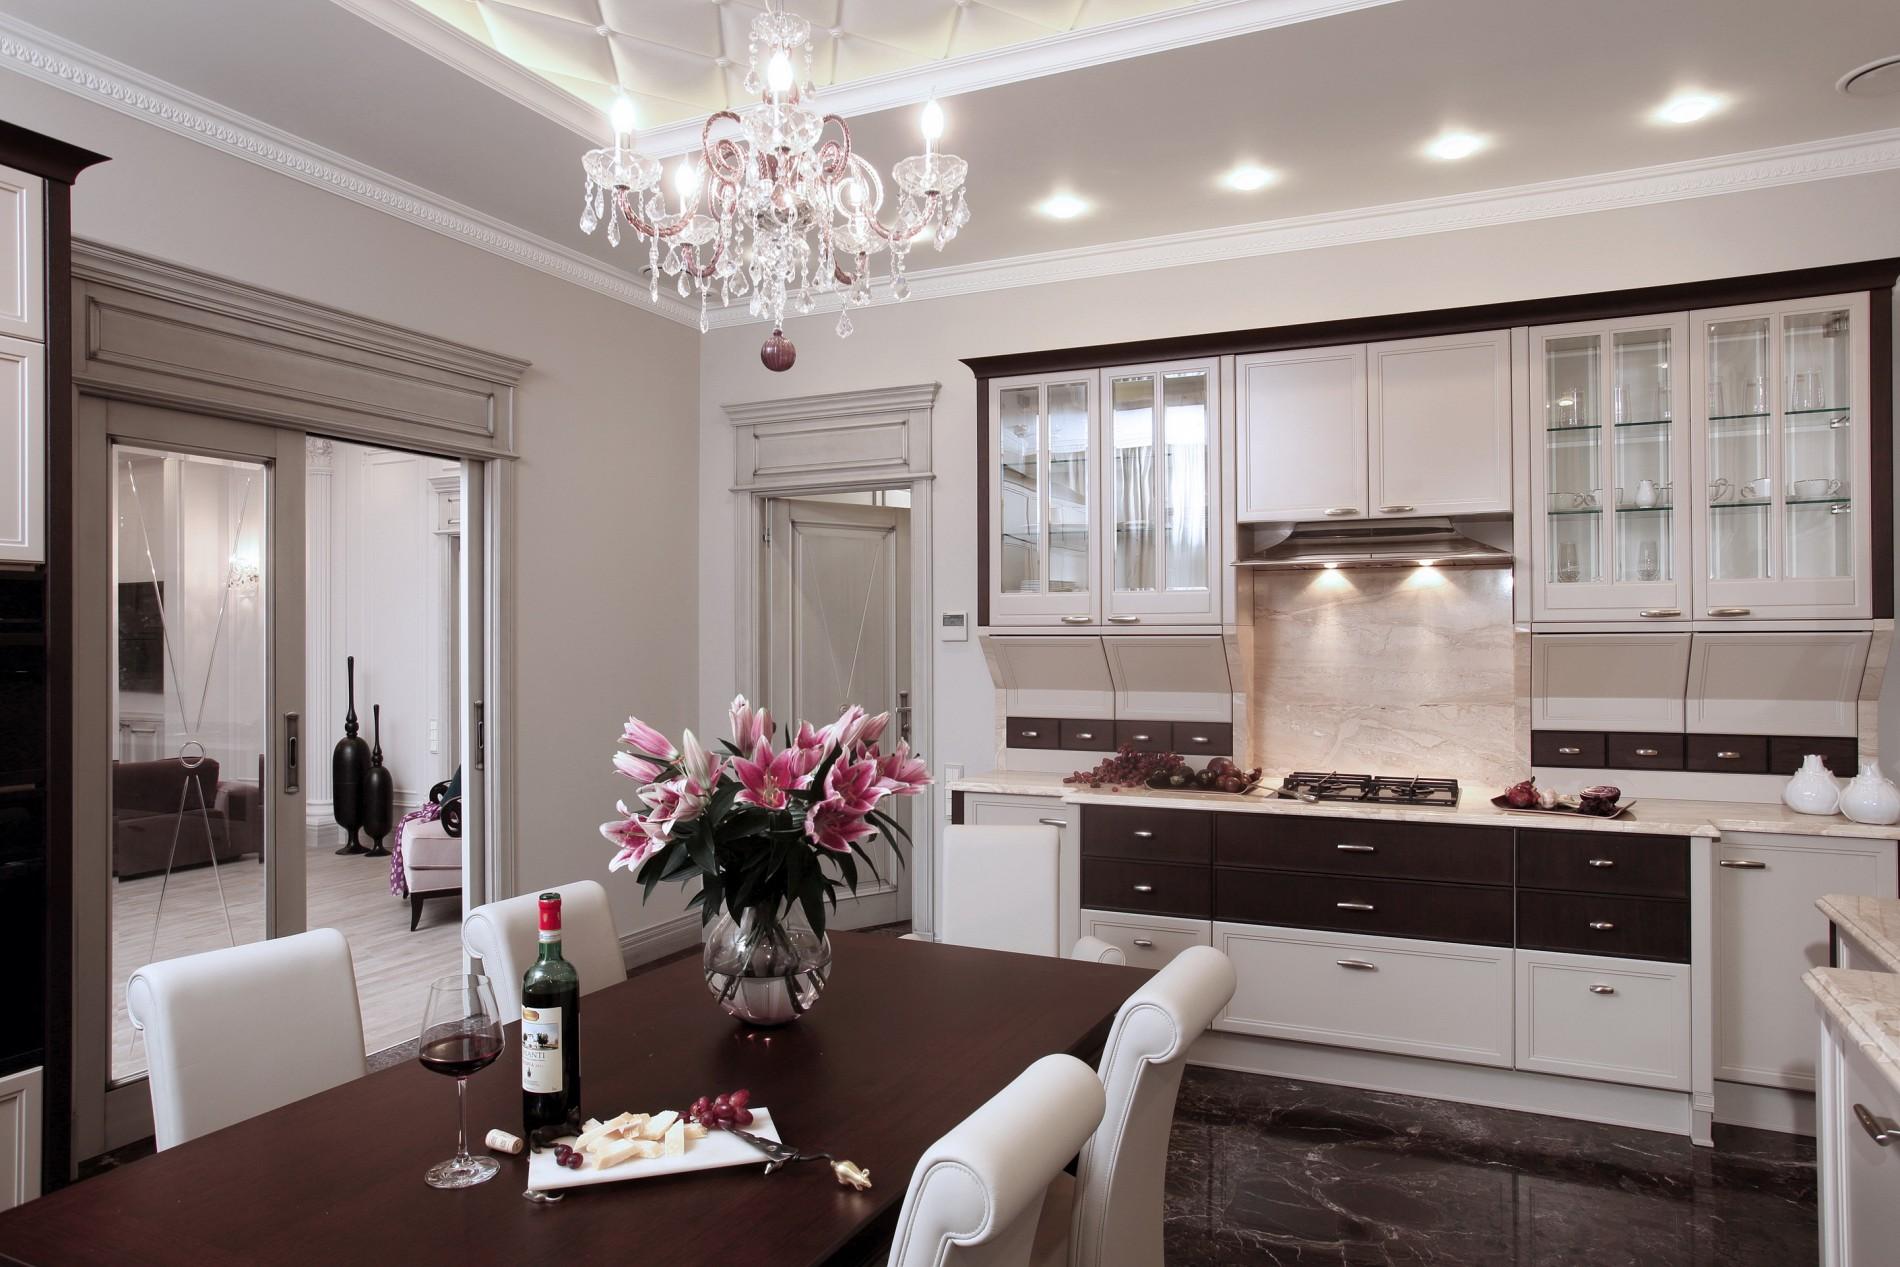 Кухня неоклассика в загородном доме 2016